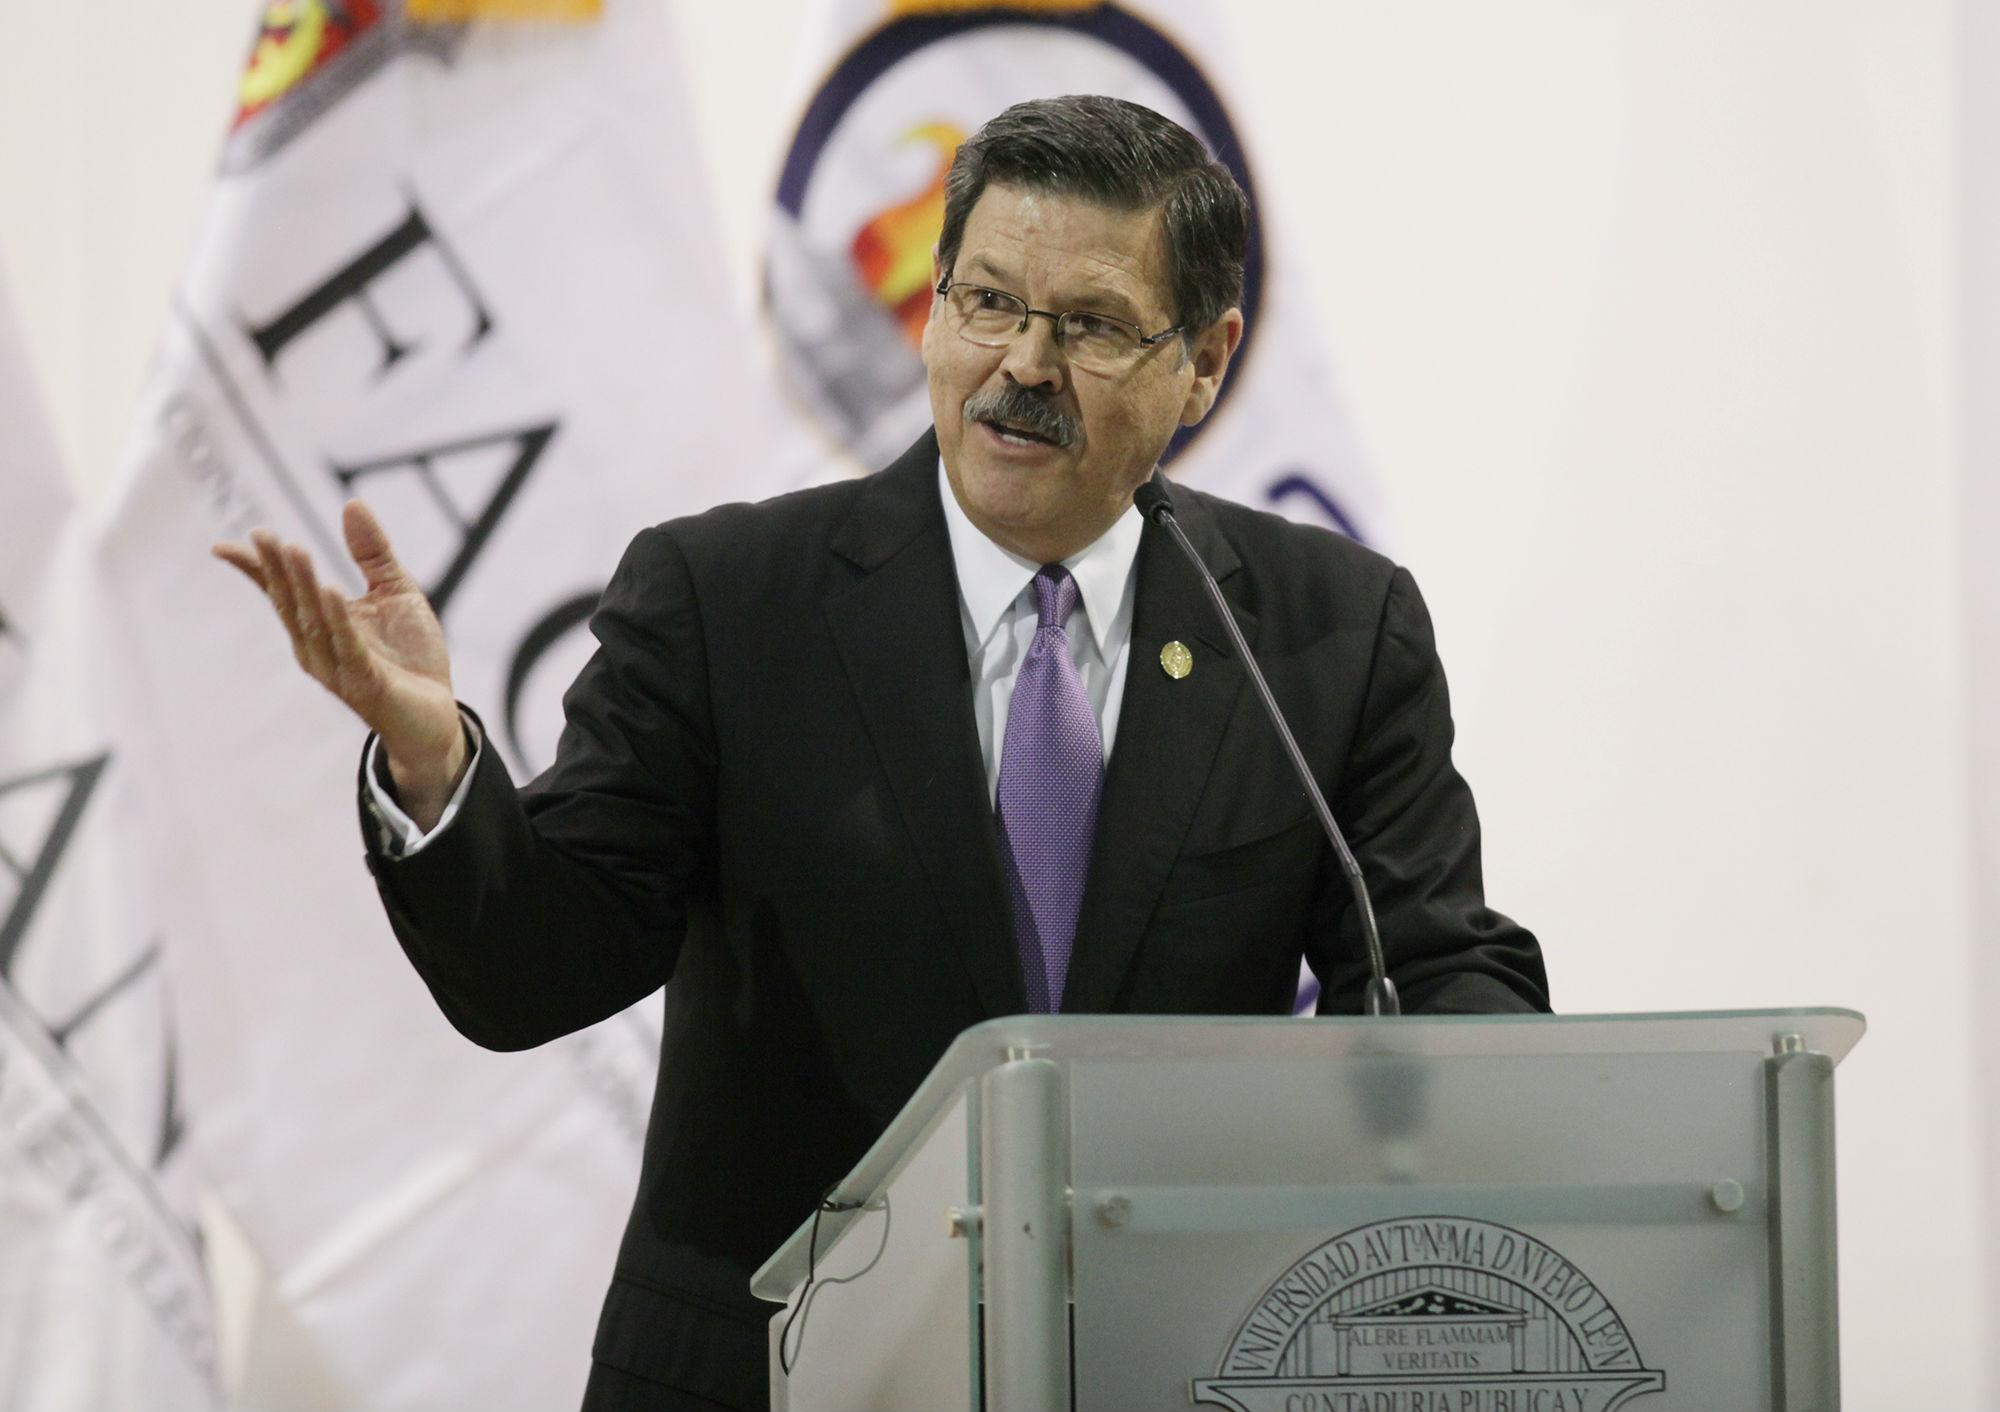 Mensaje del rector de la UANL, Mtro. Rogelio G. Garza Rivera